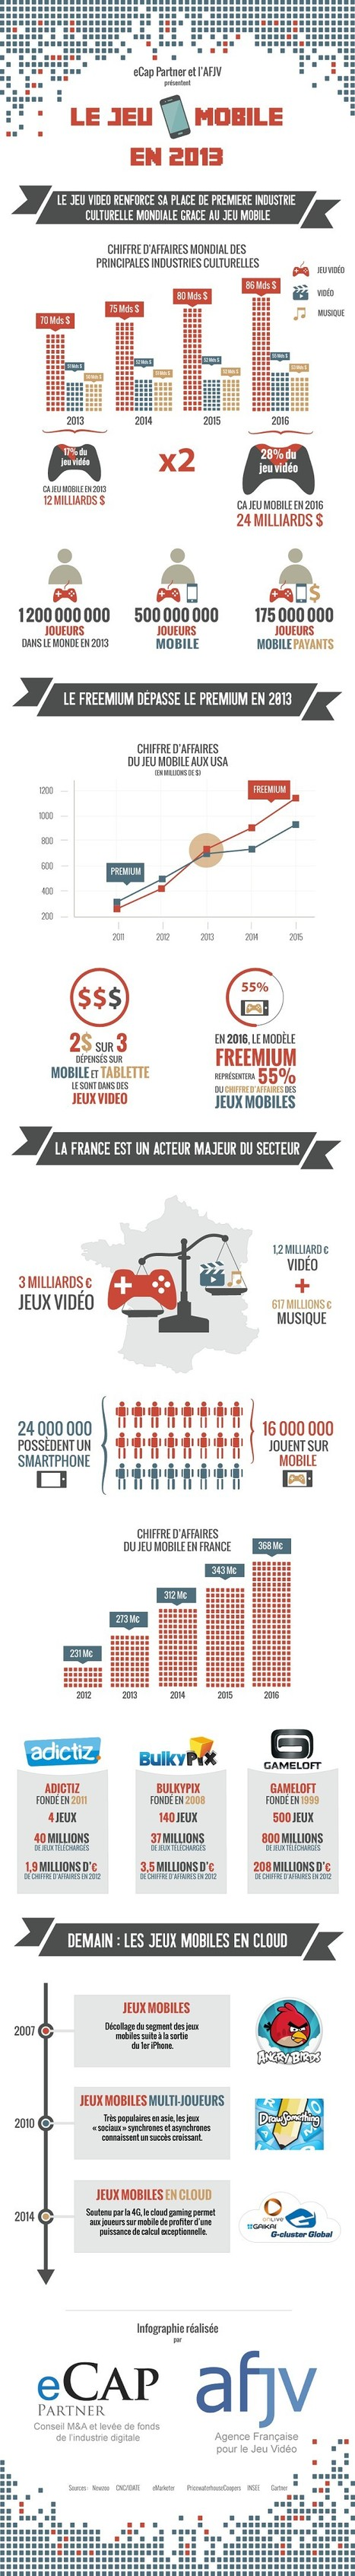 Infographie - Les jeux mobile dans le monde en chiffres en 2013 | Applications Mobile | Scoop.it